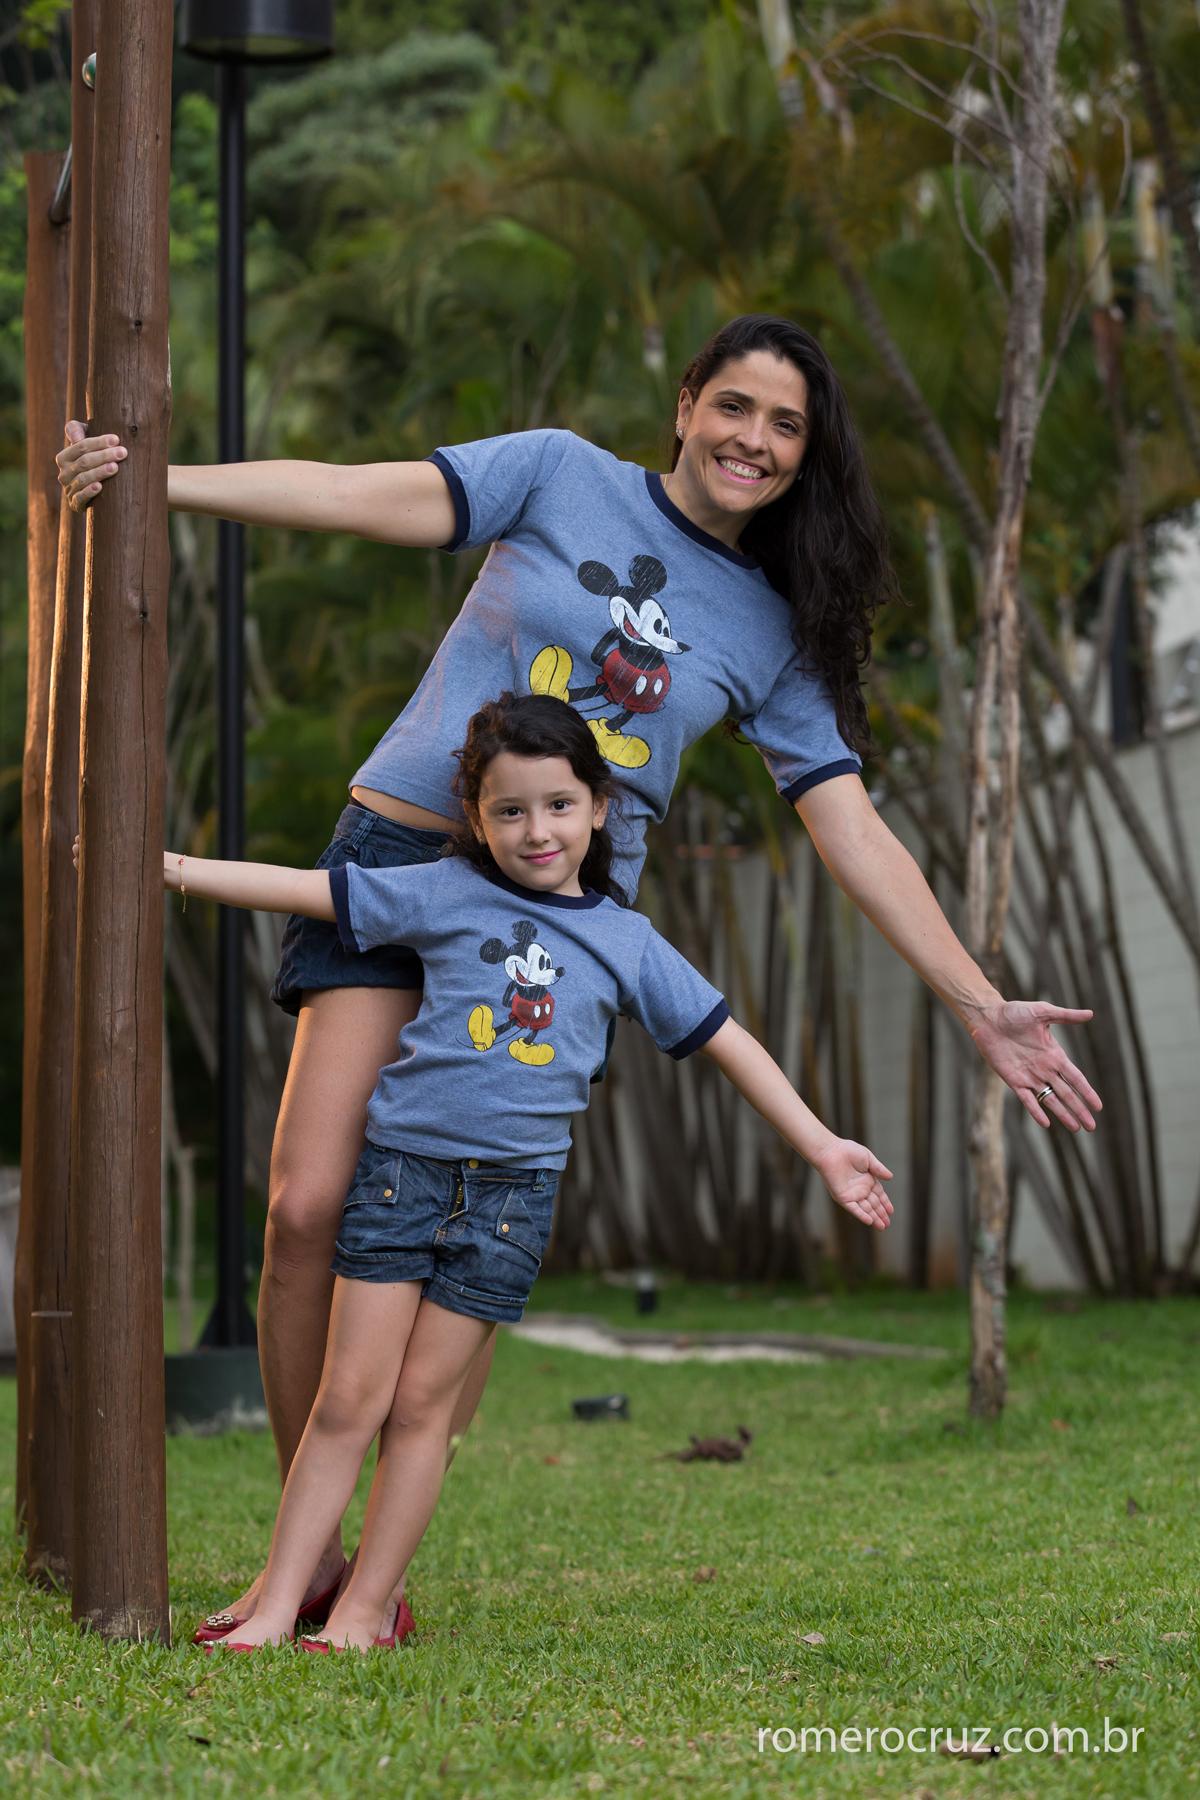 Momento de mãe e filha no ensaio do fotógrafo Romero Cruz